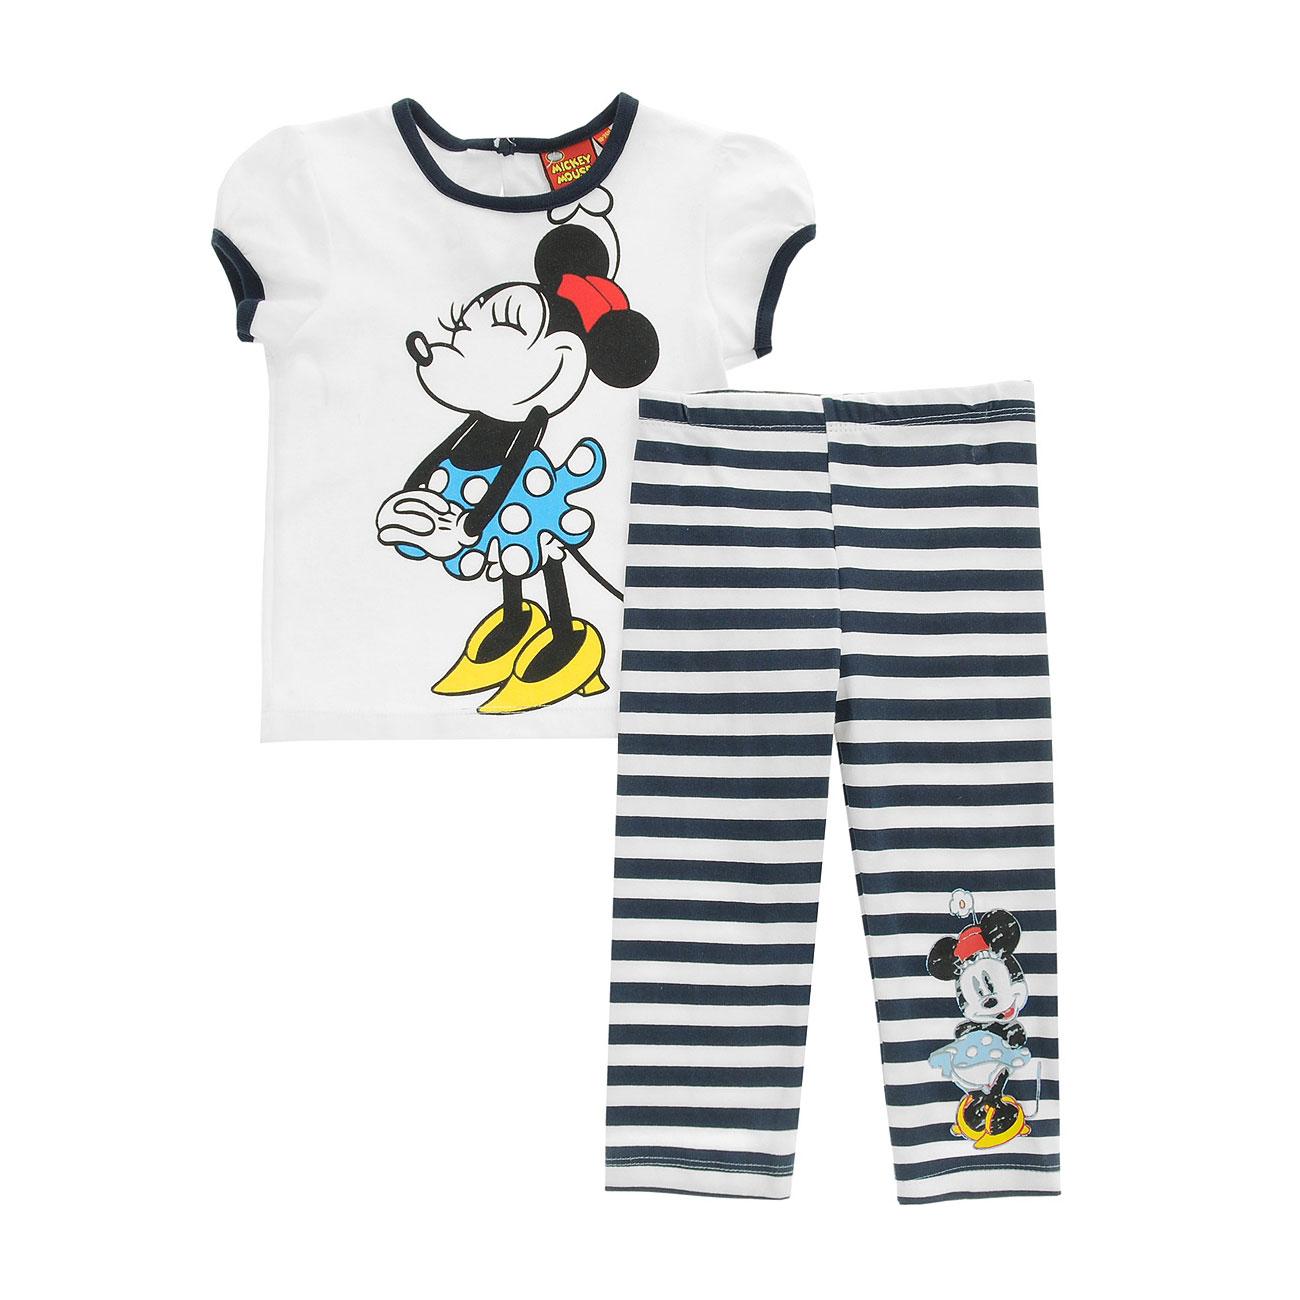 Комплект Дисней Минни футболка с коротким рукавом, штанишки в полоску, для девочки, белый 24 мес.